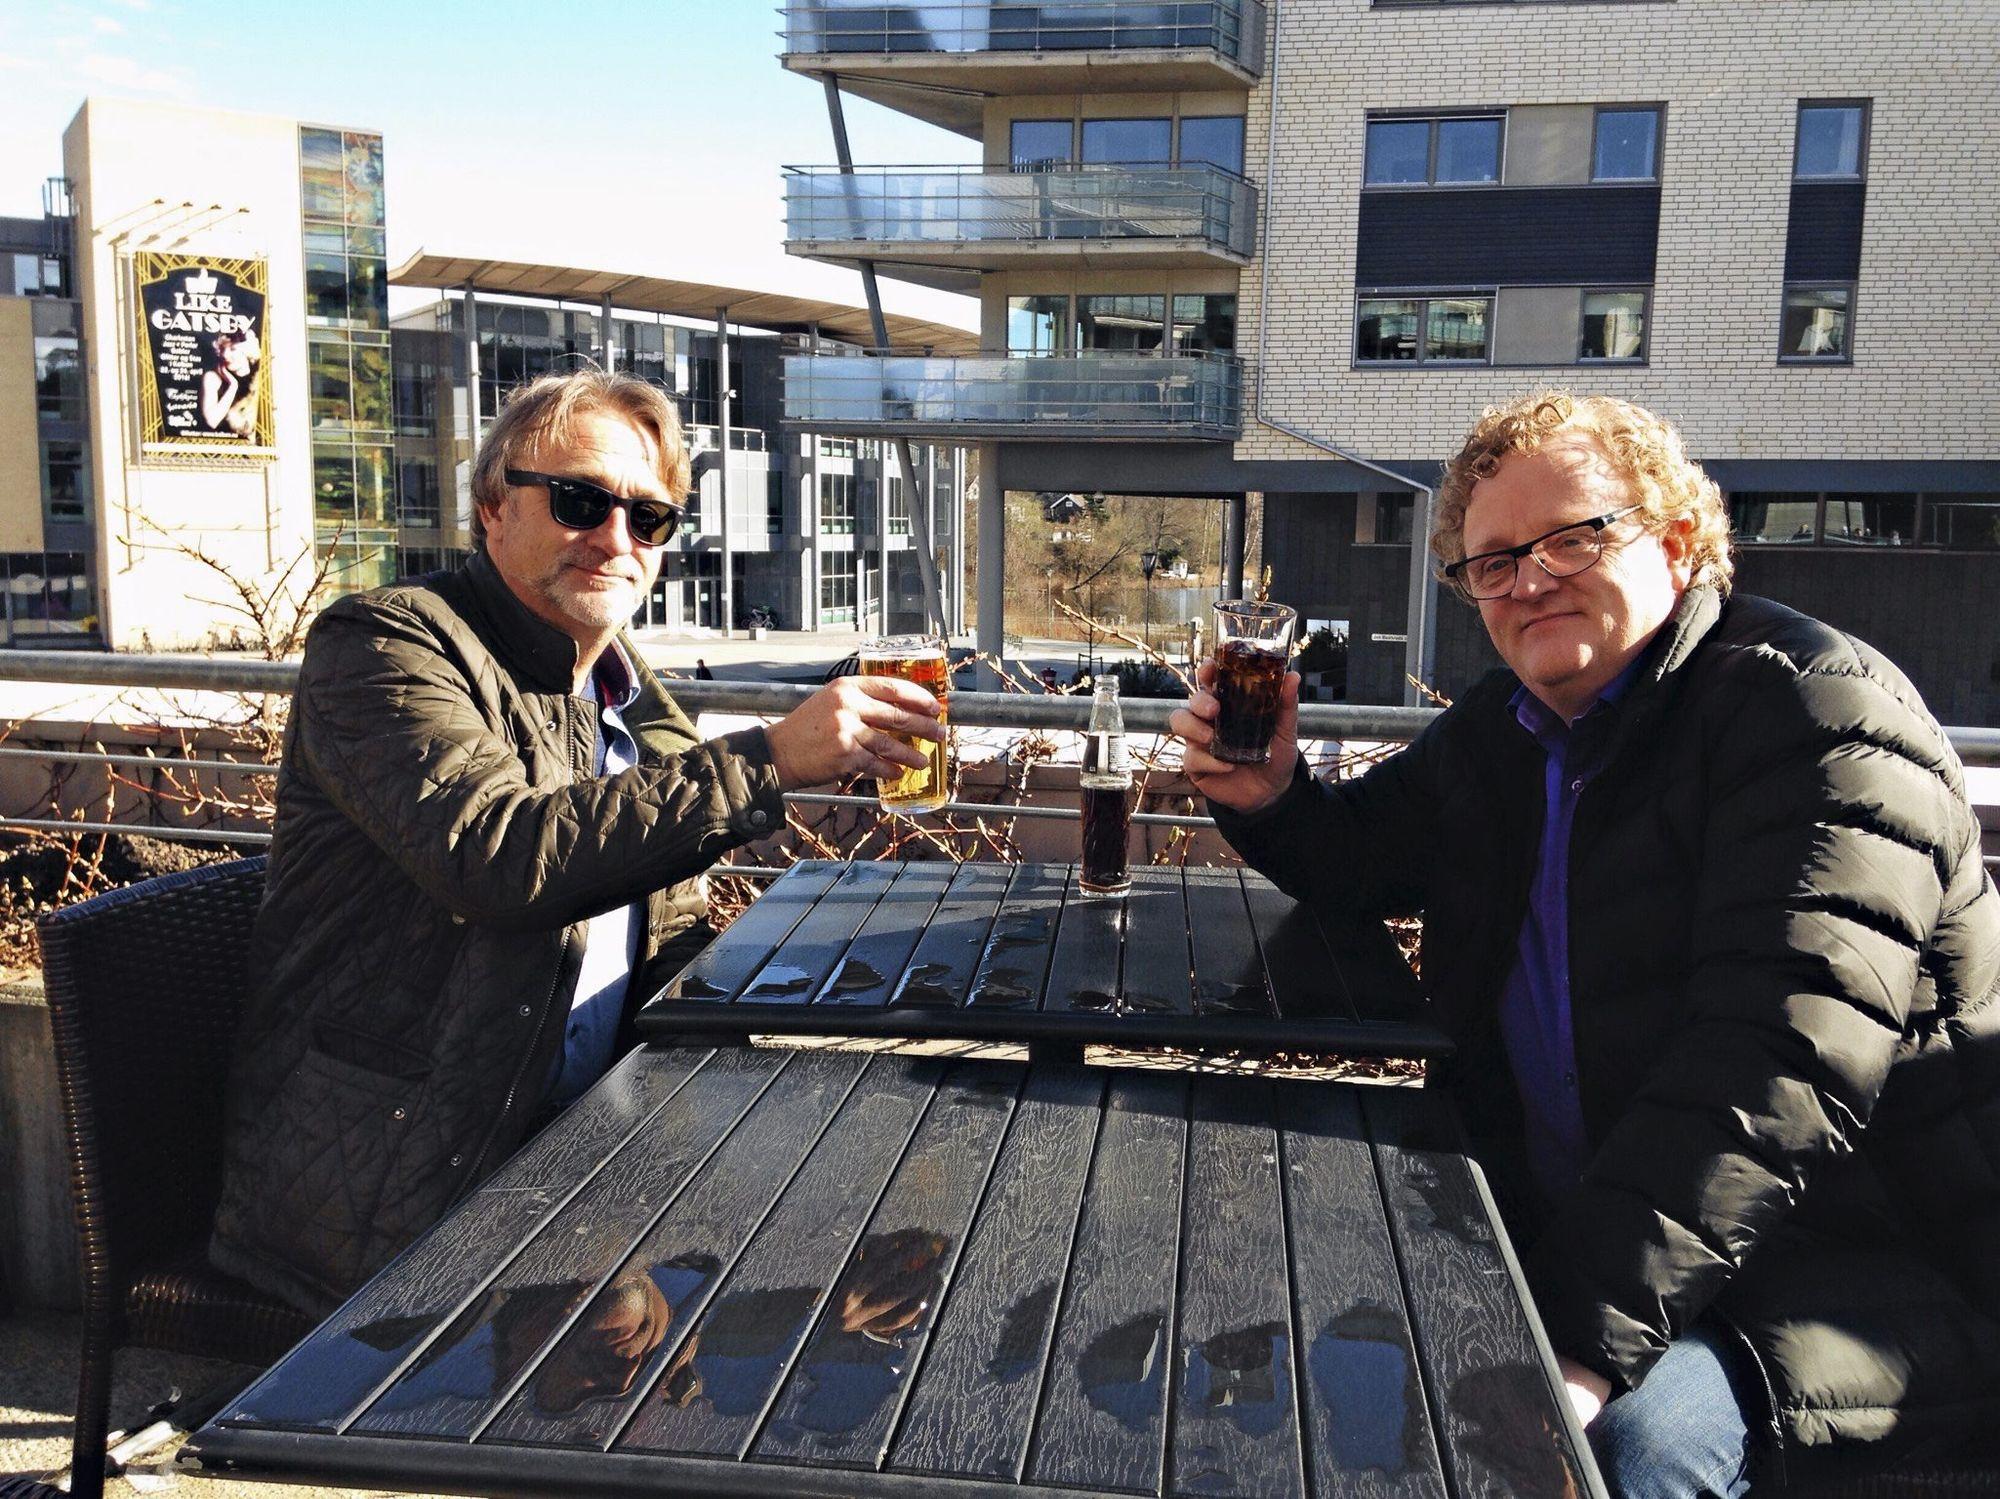 STORKOSER SEG: Alex Wisting (50) (t.v.) og kameraten Dag Samuelsen (50) koser seg på Kullebunden Spiseri. Mens Samuelsen tok seg en cola, ble det sommerpils på Visting, og den betalte han 76 kroner for.